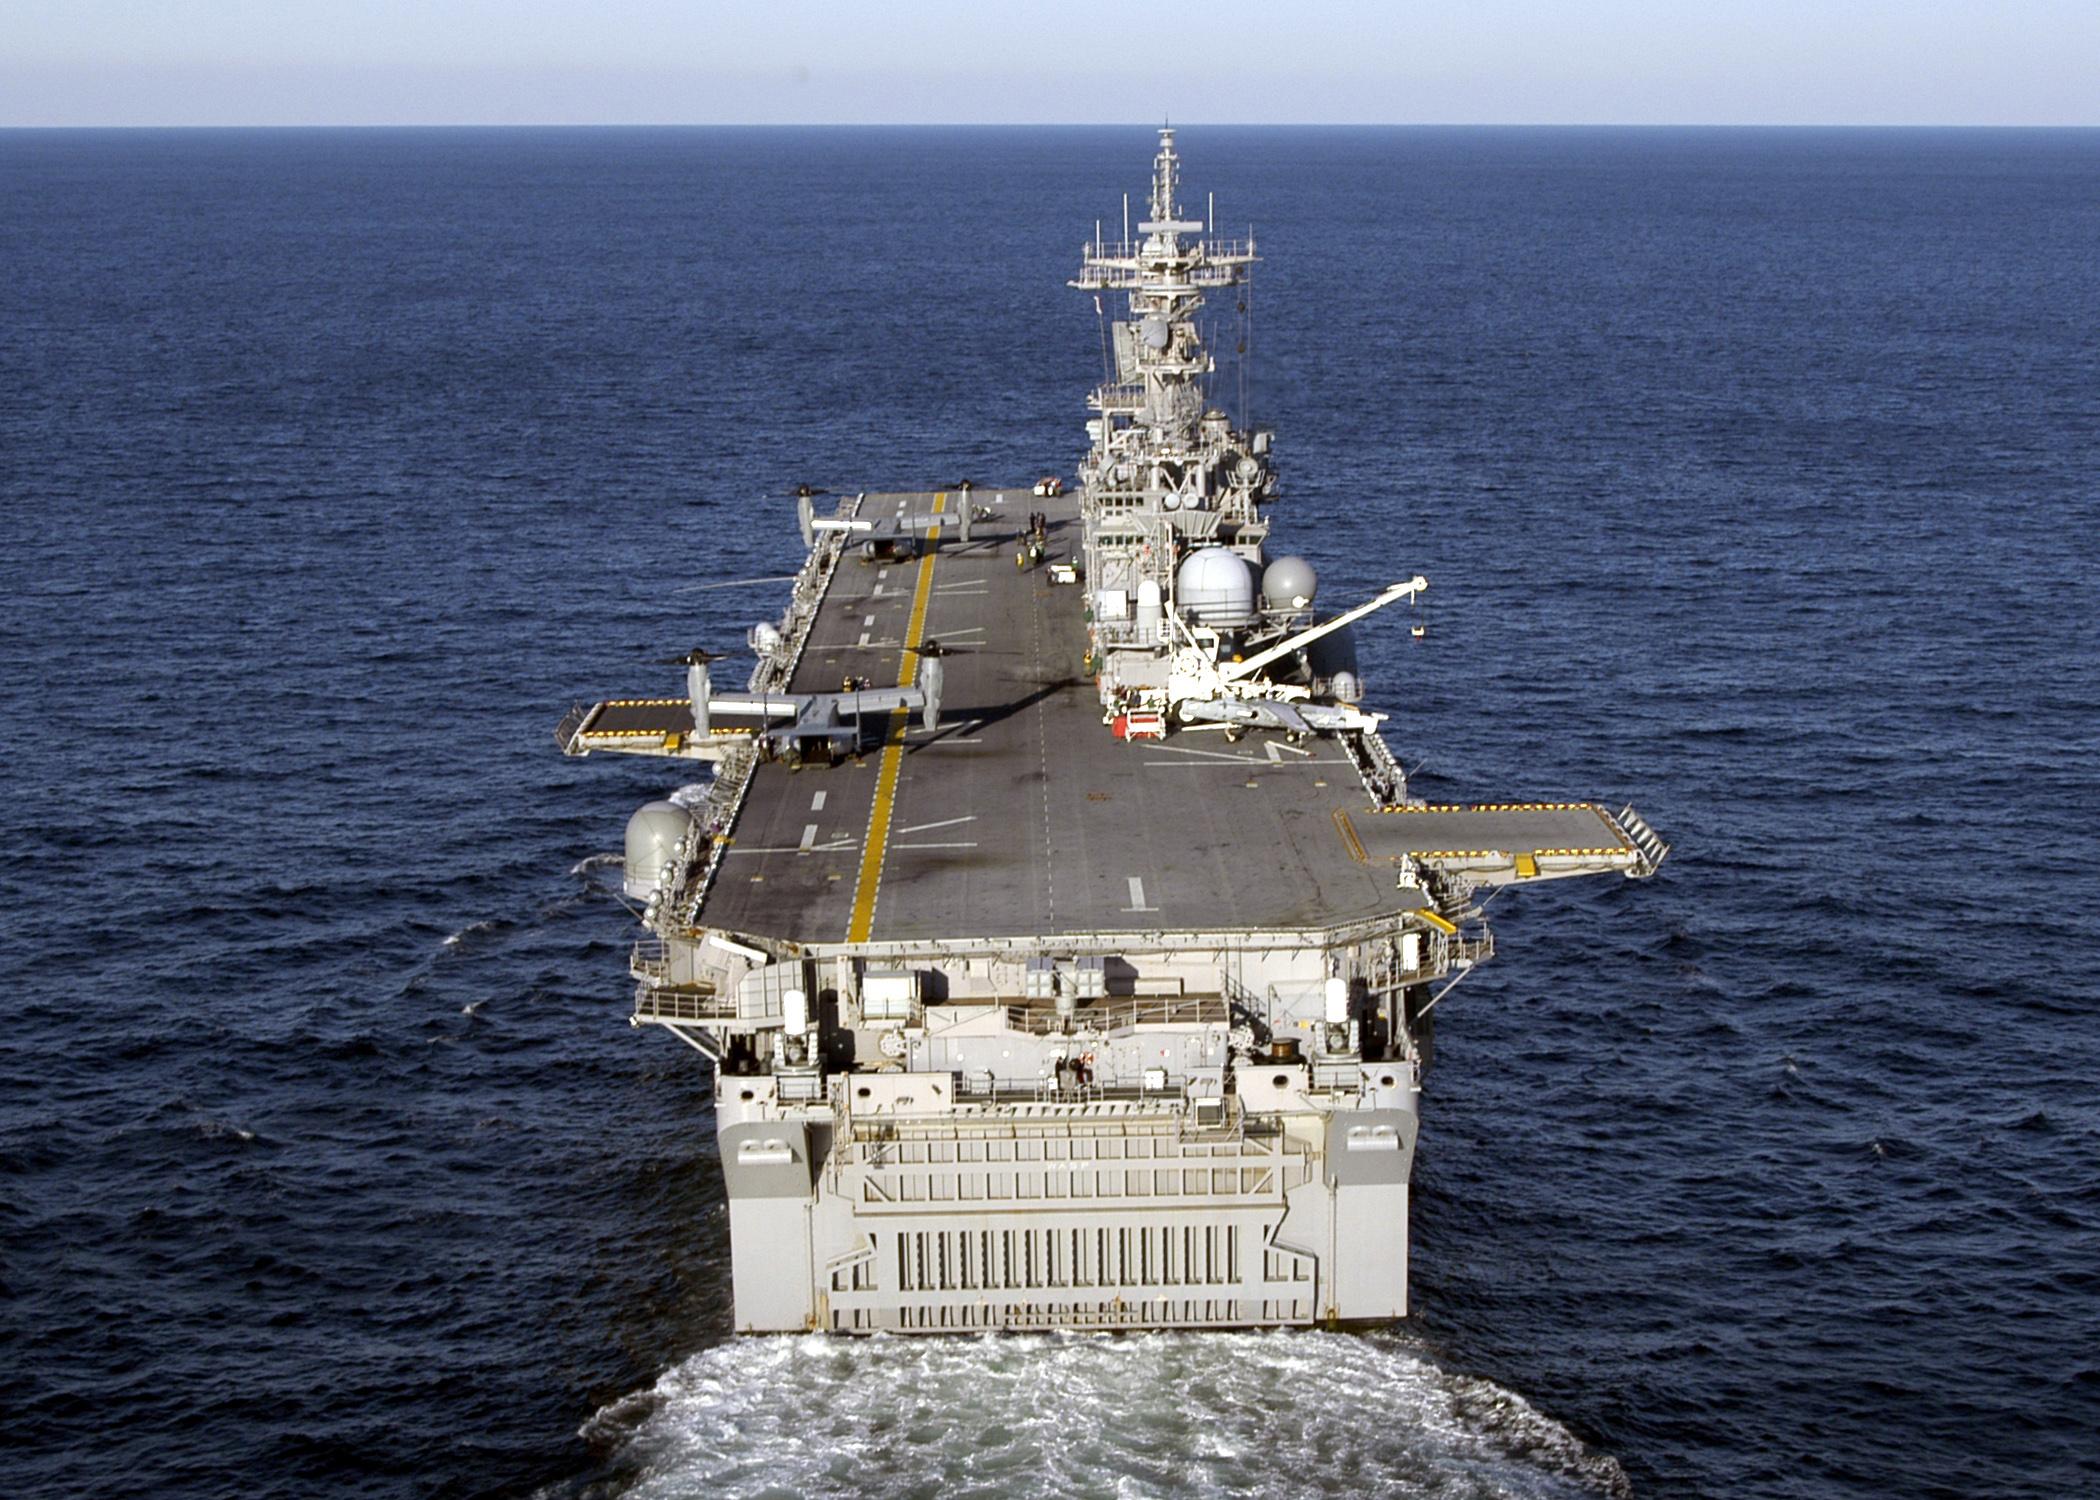 всегда удивляло фото десантные корабли сша двойку, под рукой